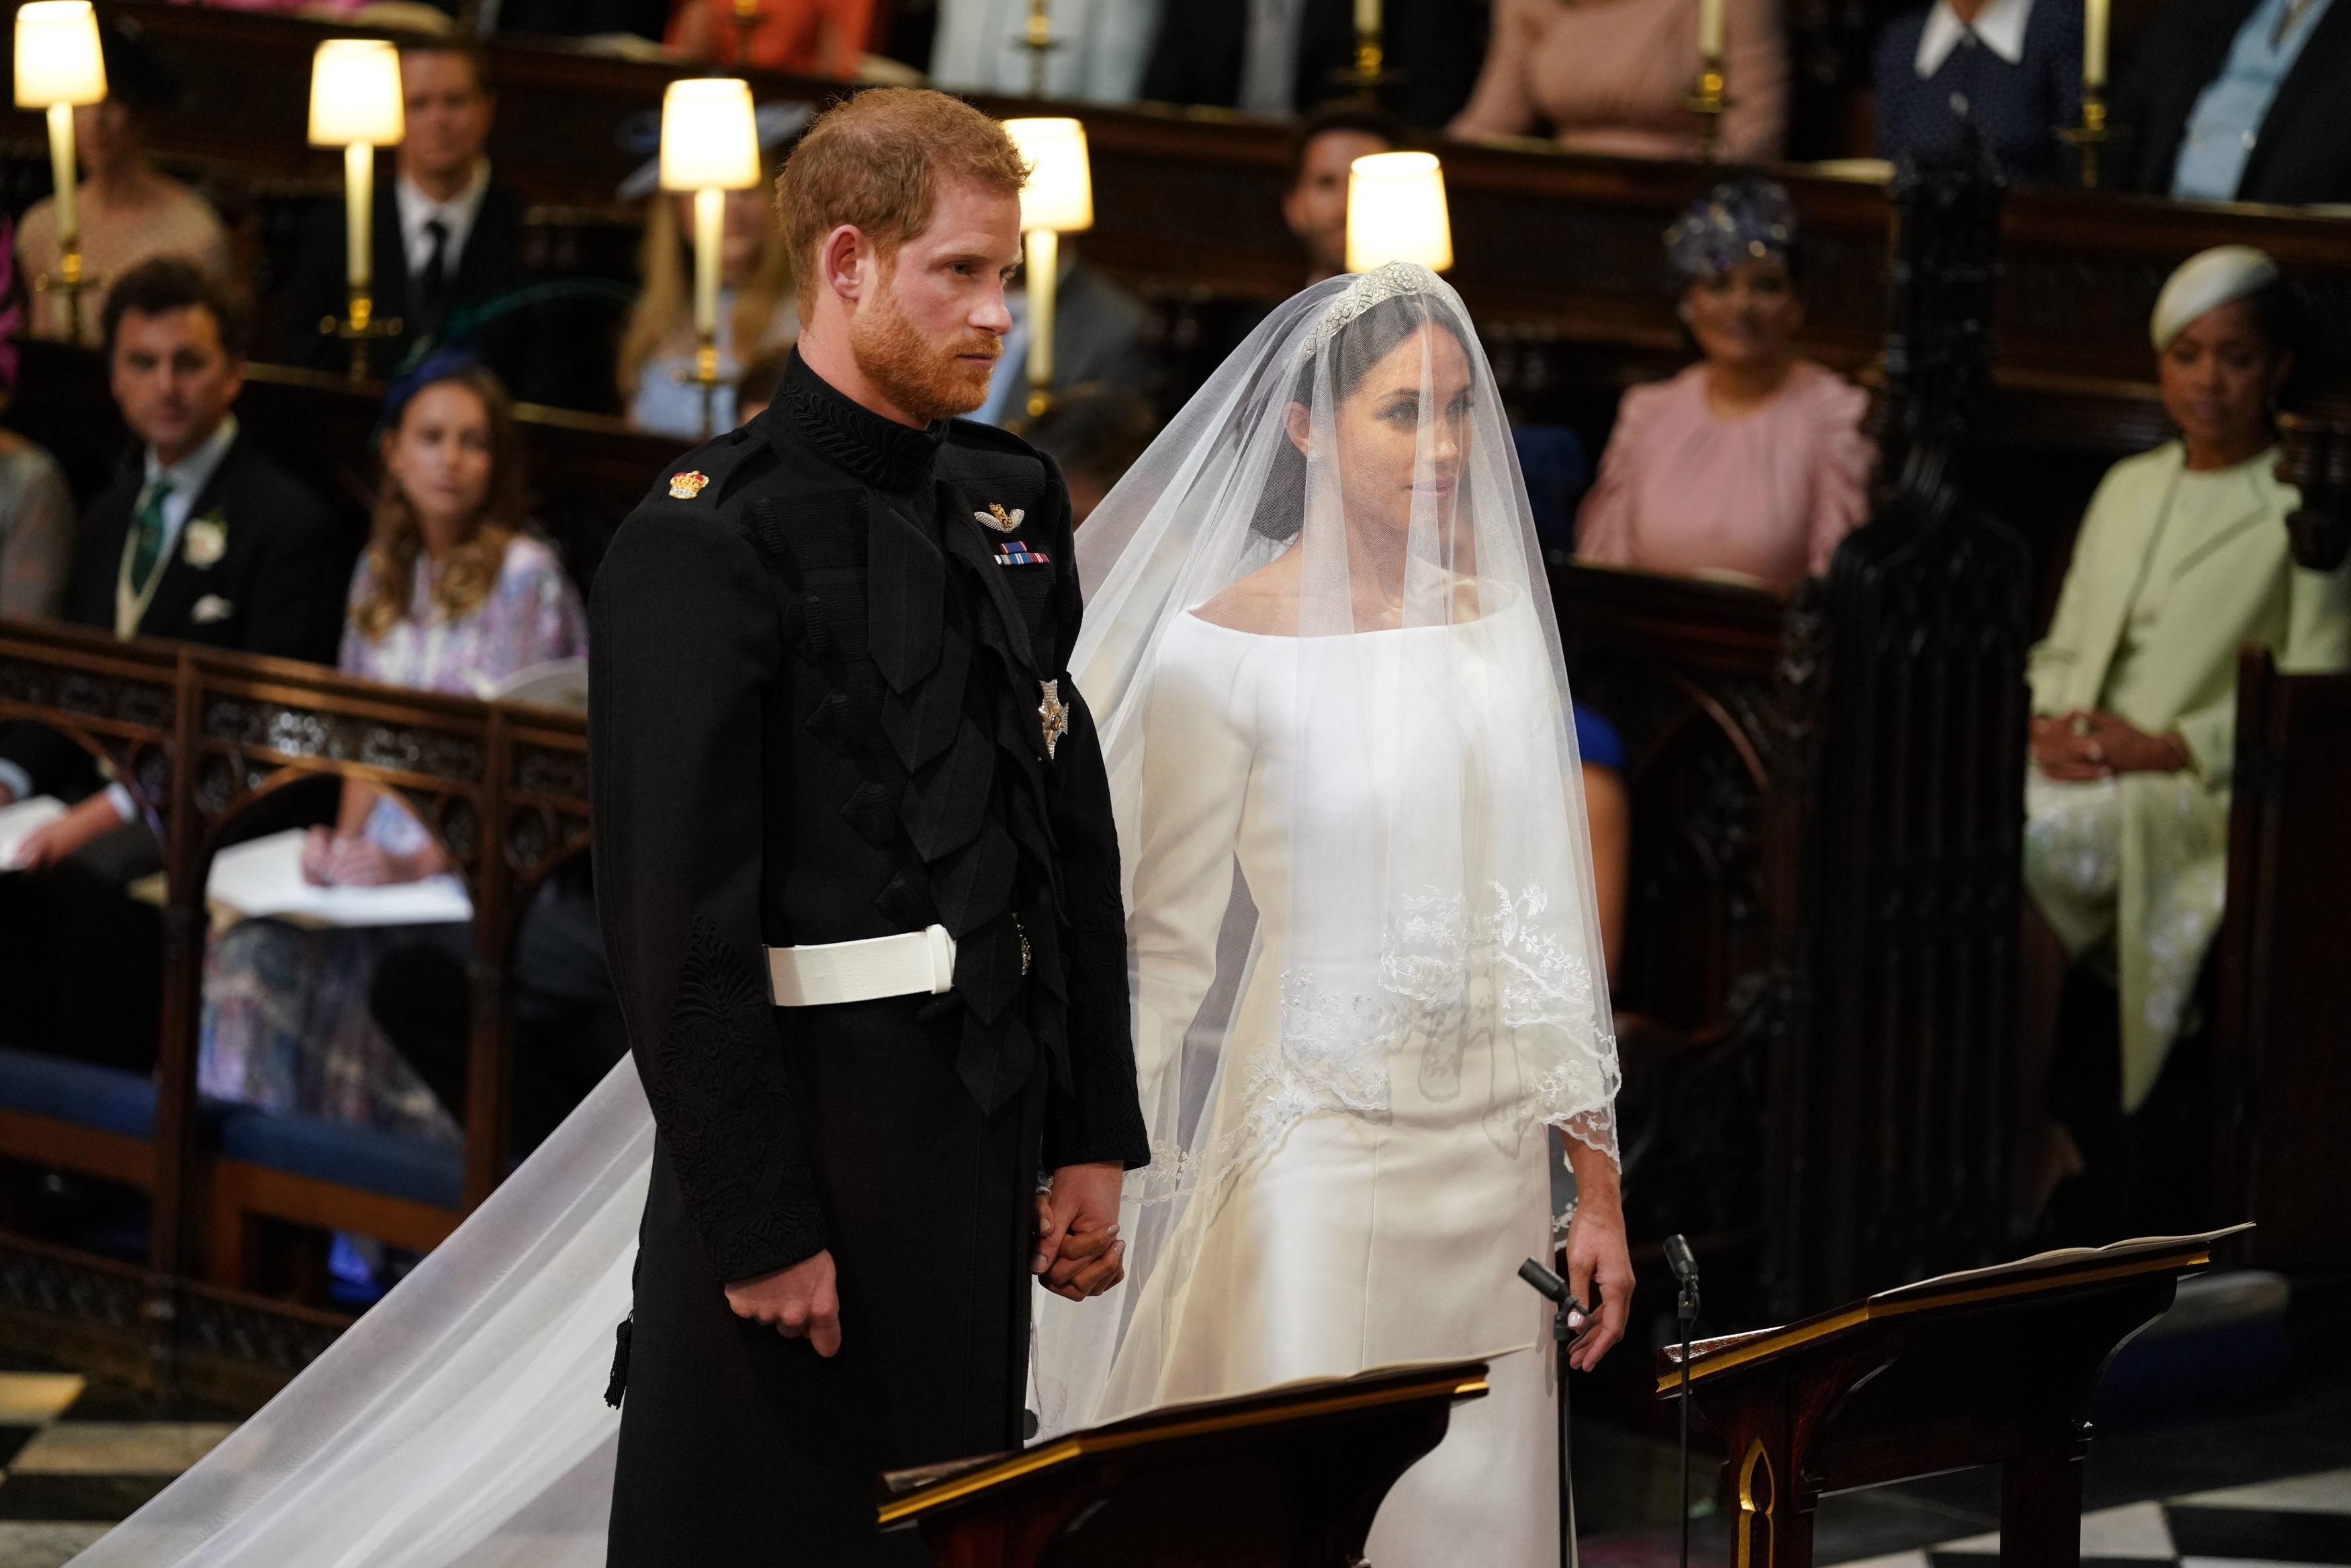 Меган Маркл поставила англиканскую церковь в затруднительное положение: священник  опроверг её заявление о тайном бракосочетании